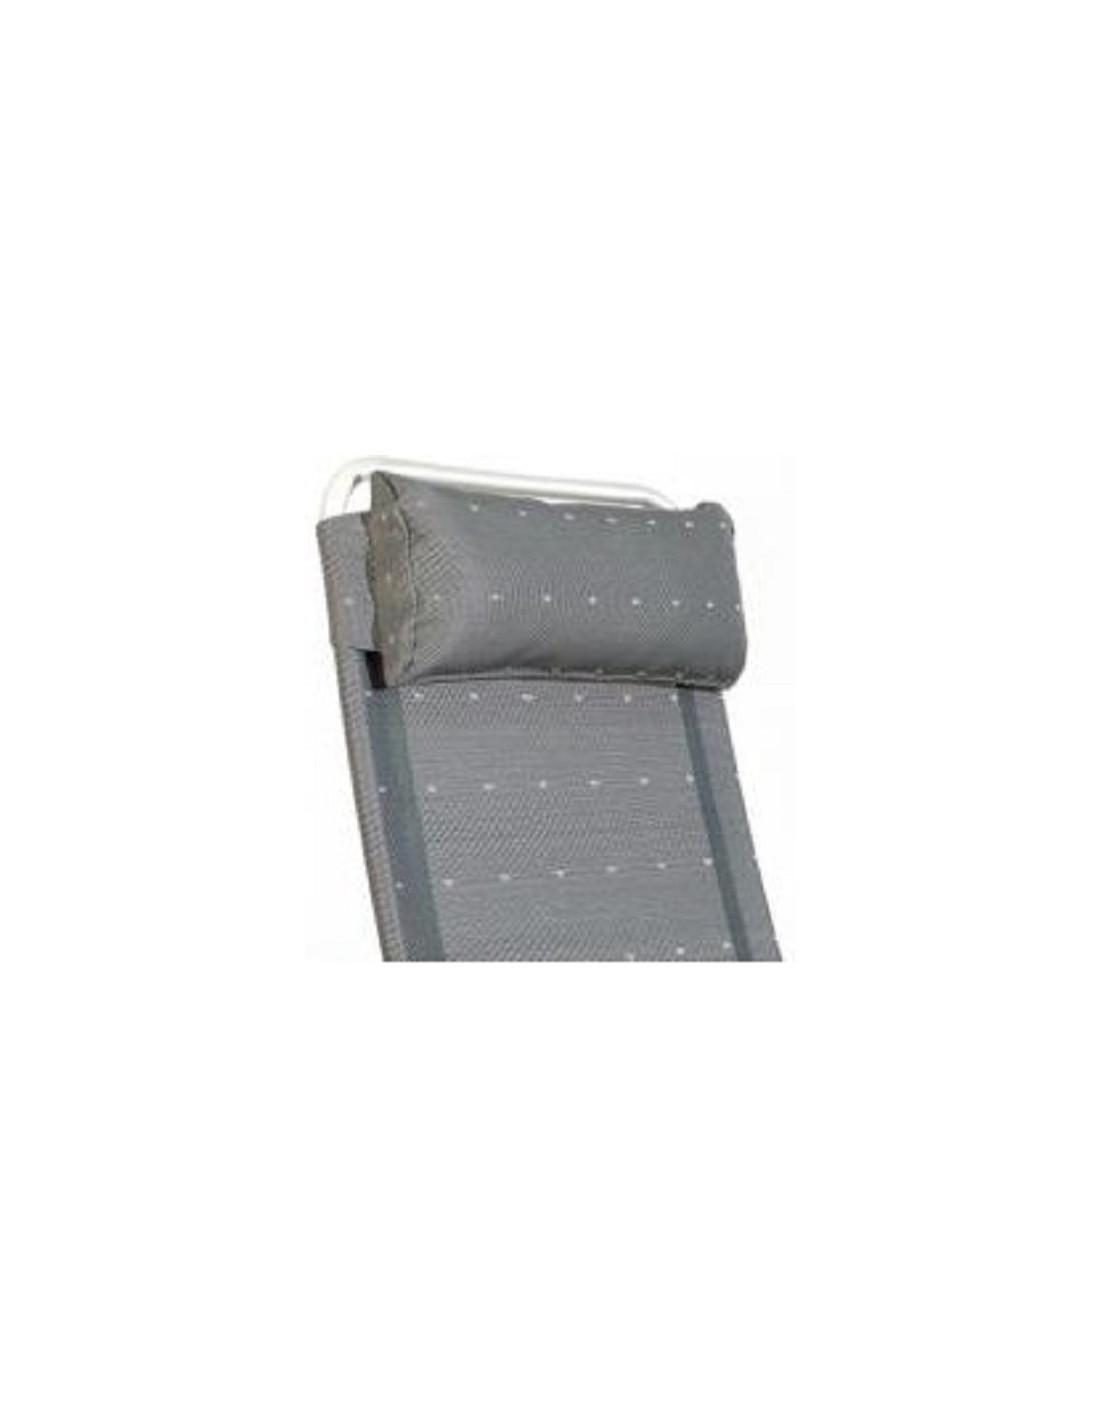 Cojin para sillas midland tienda de camping online for Cojin para sillas